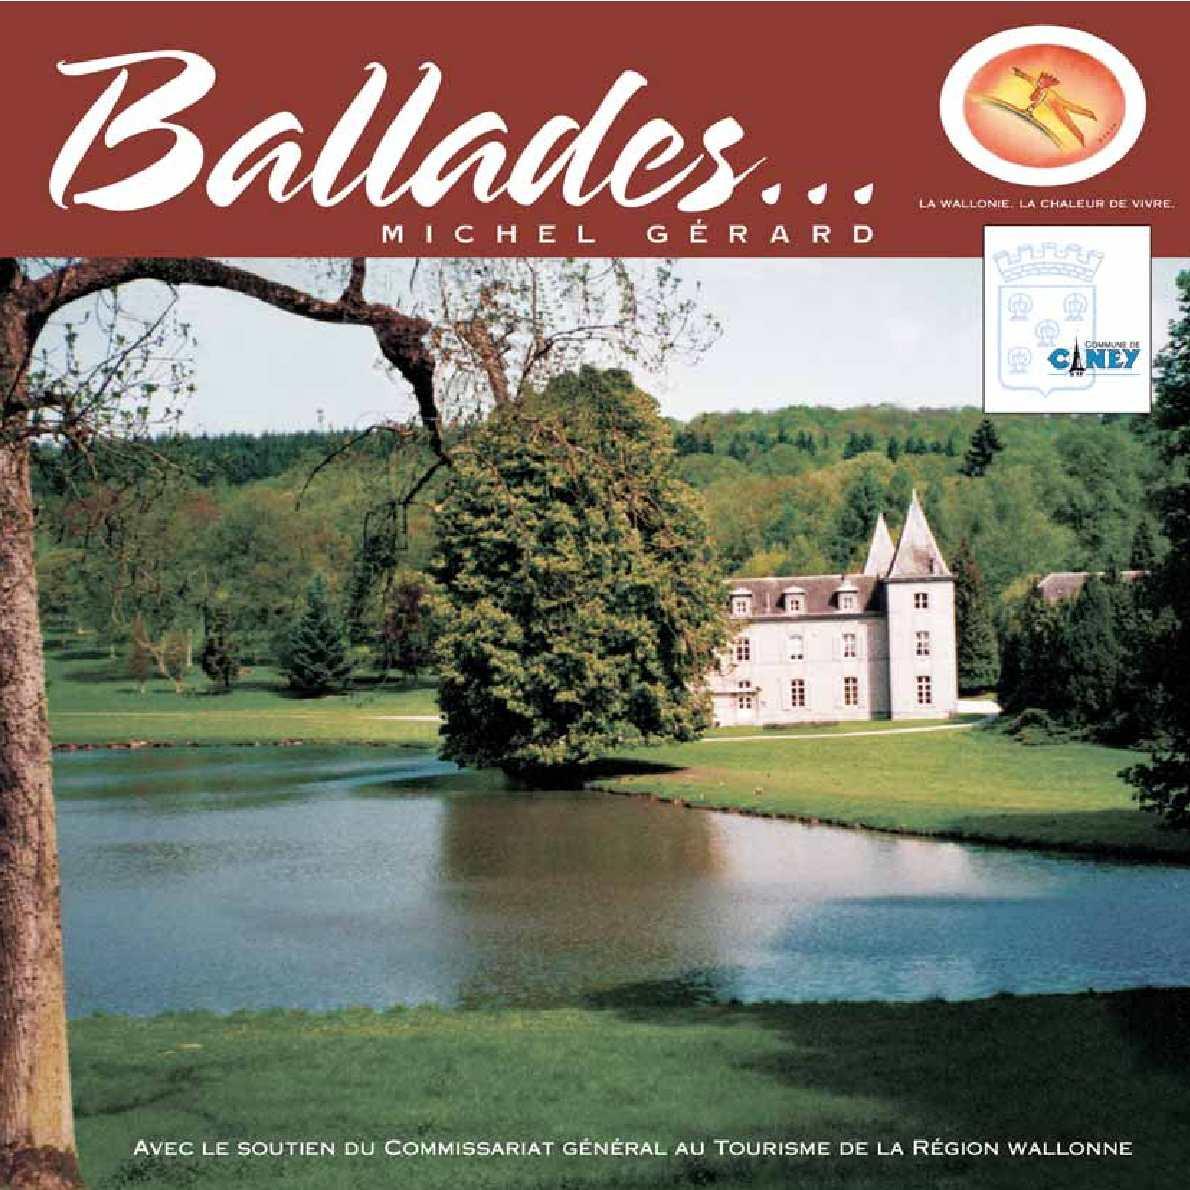 Ballades de châteaux en châteaux